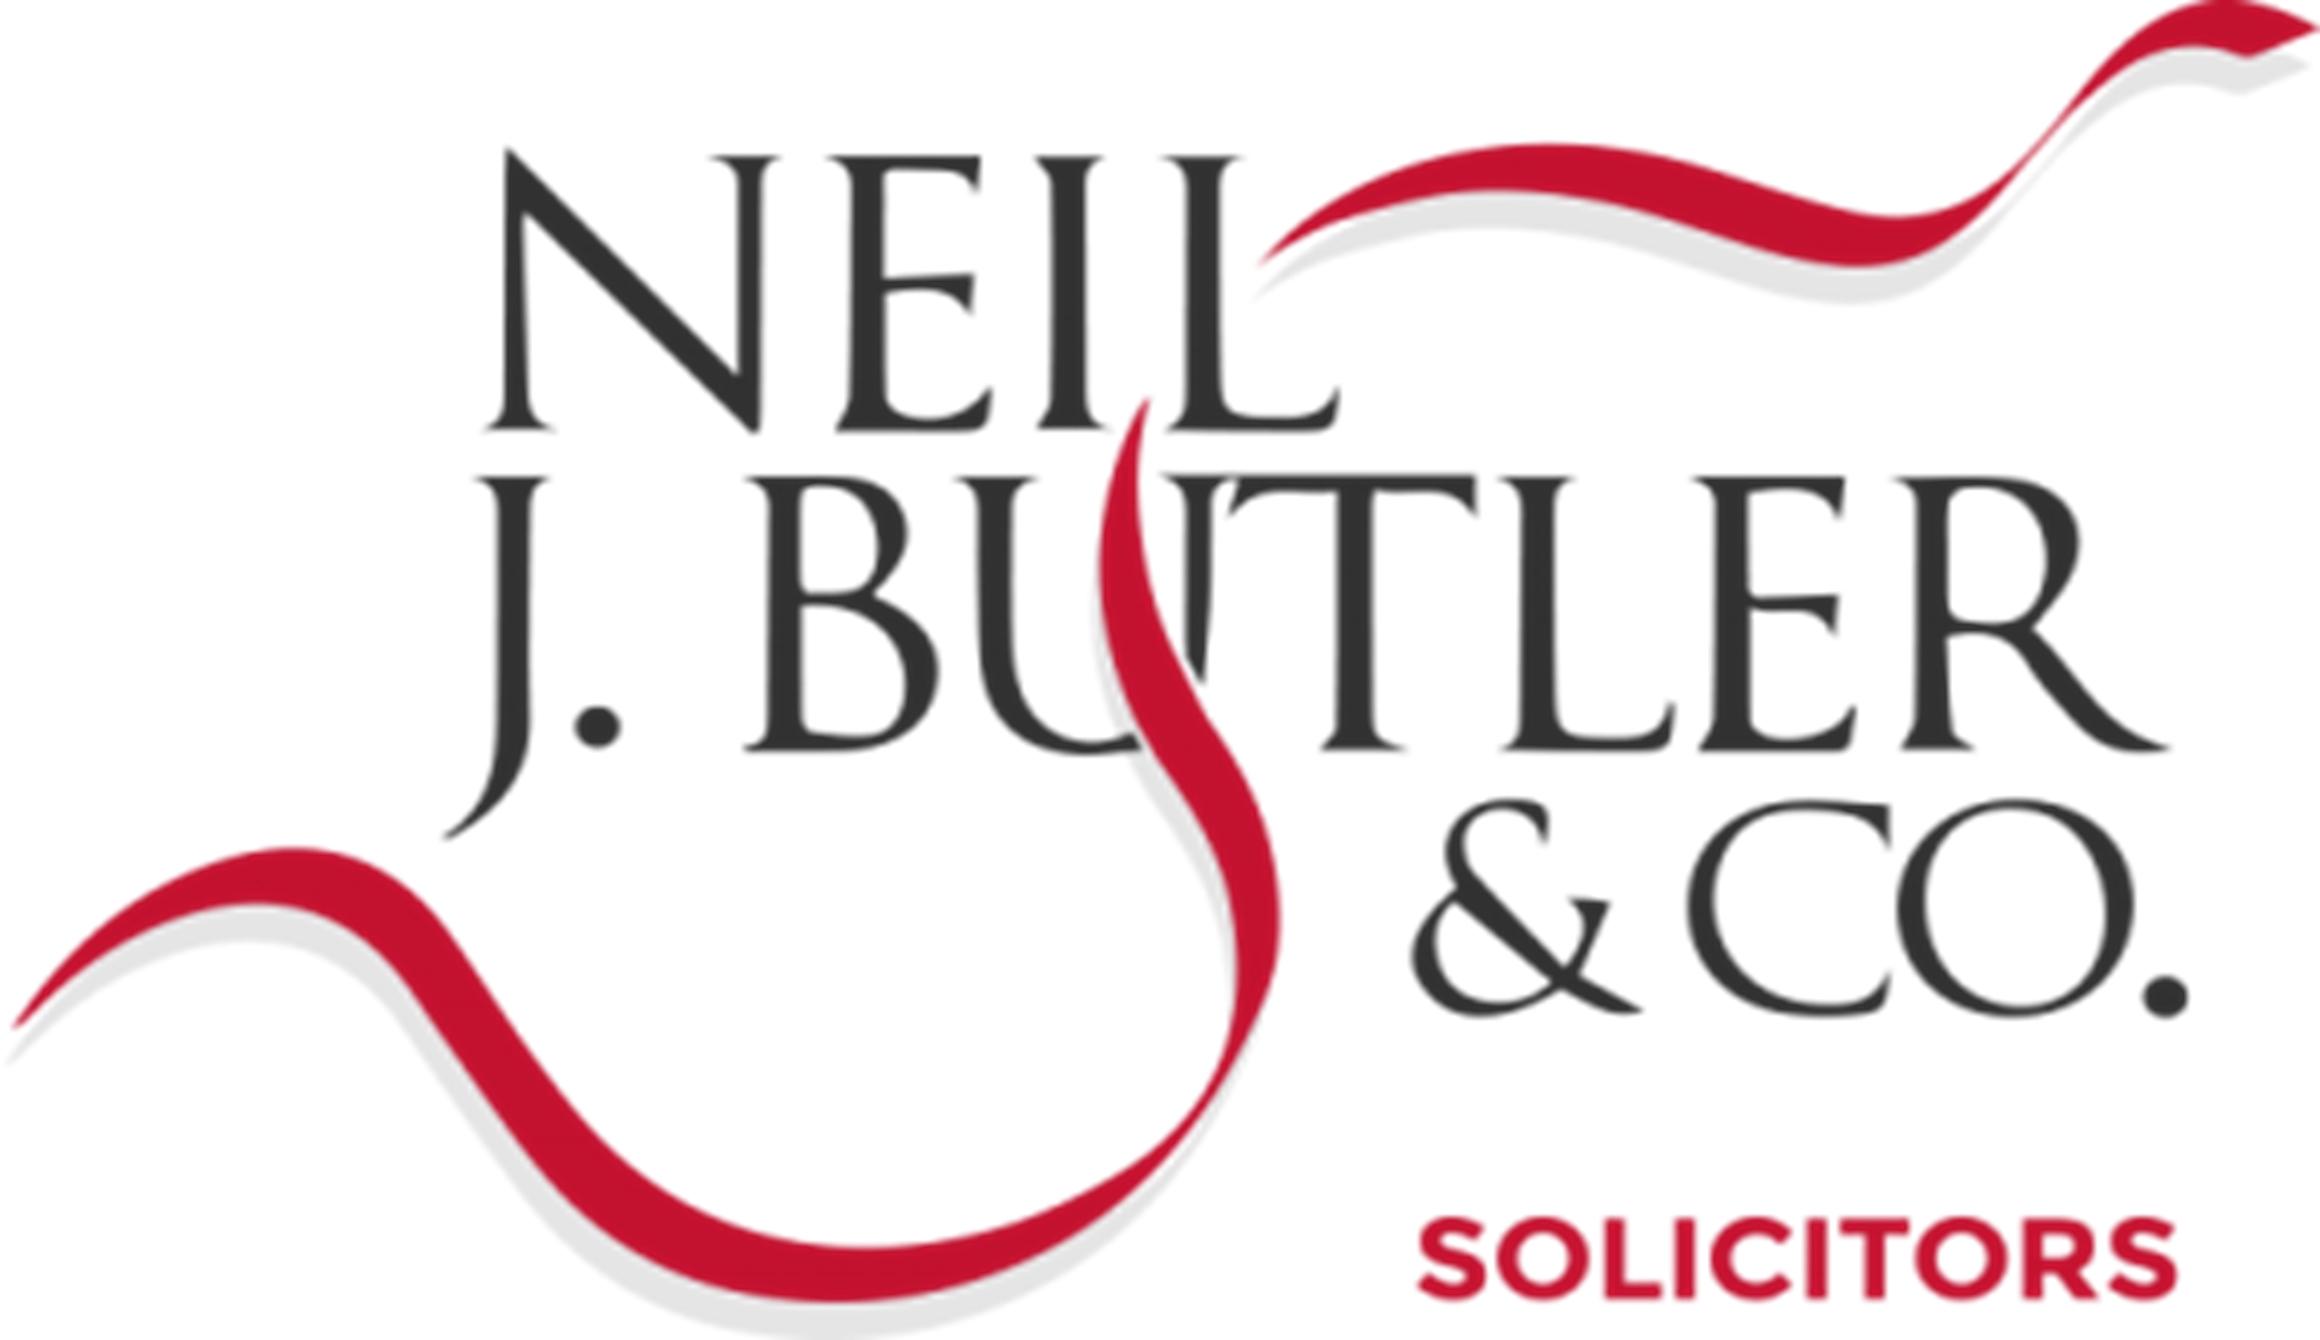 Neil J Butler & Co